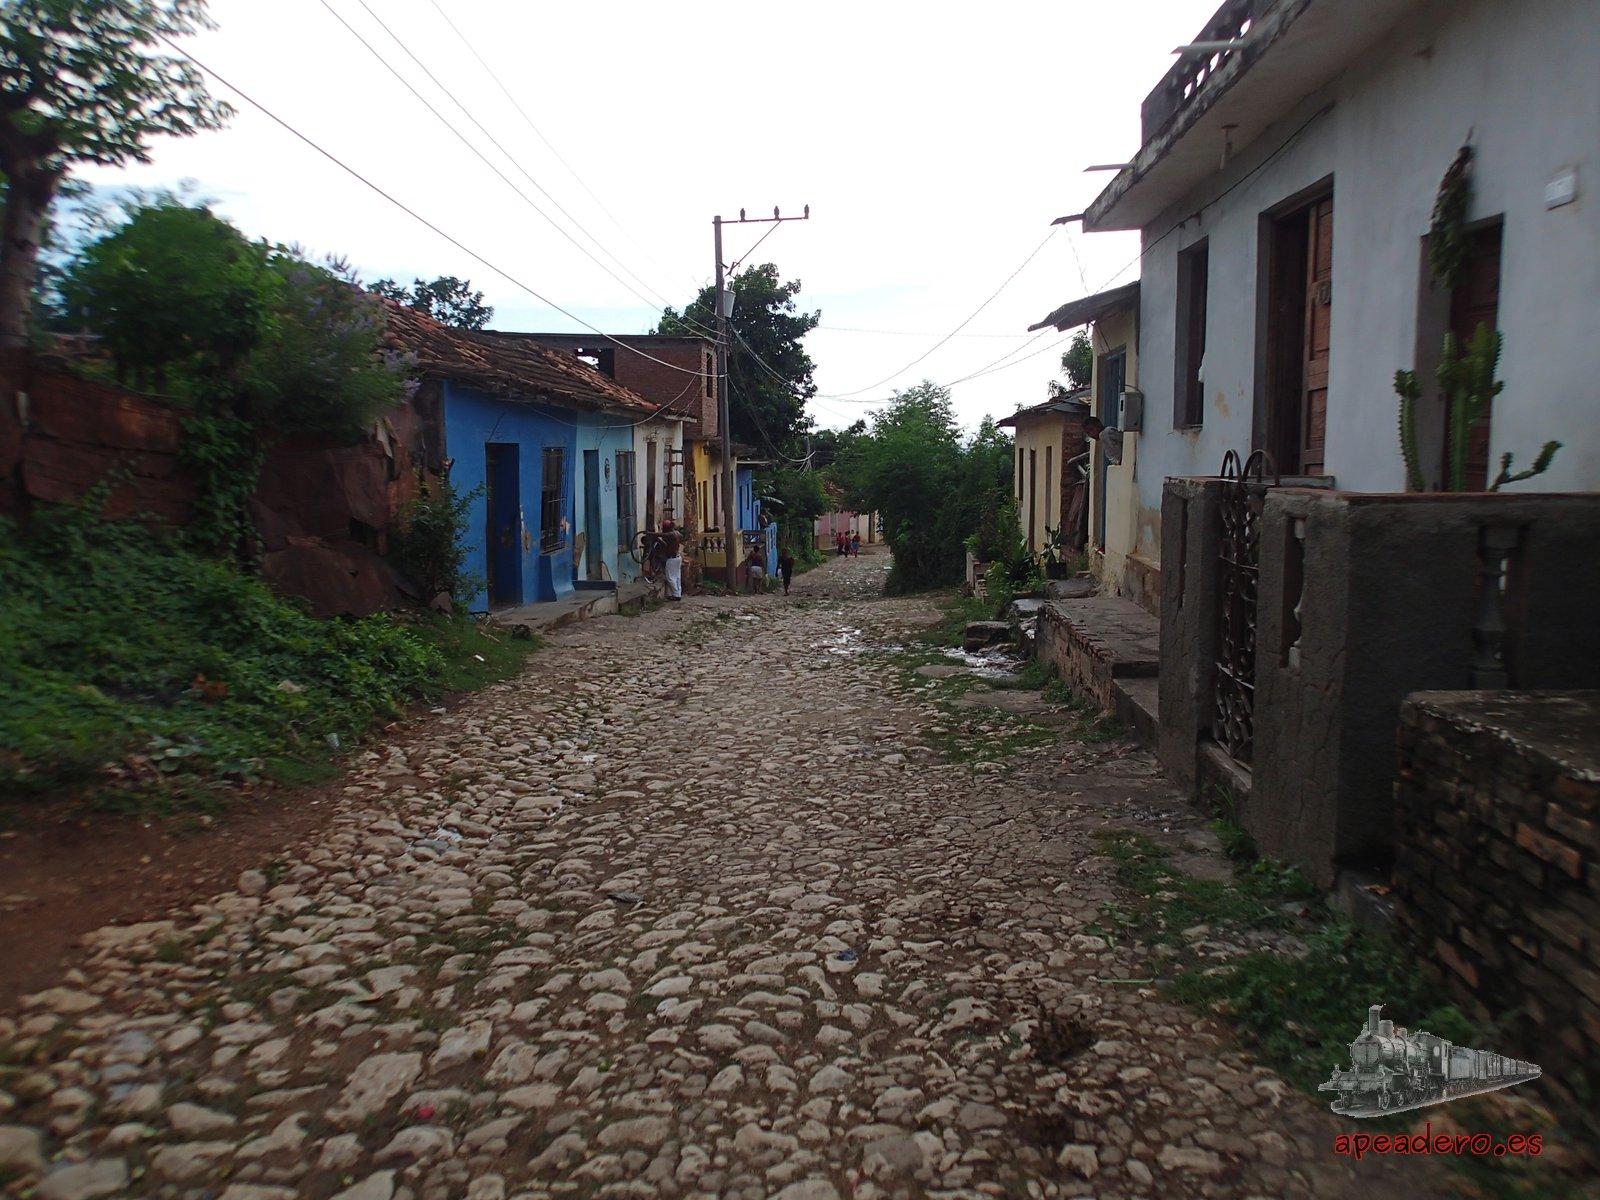 Lo más característico de Trinidad son sus calles empedradas.